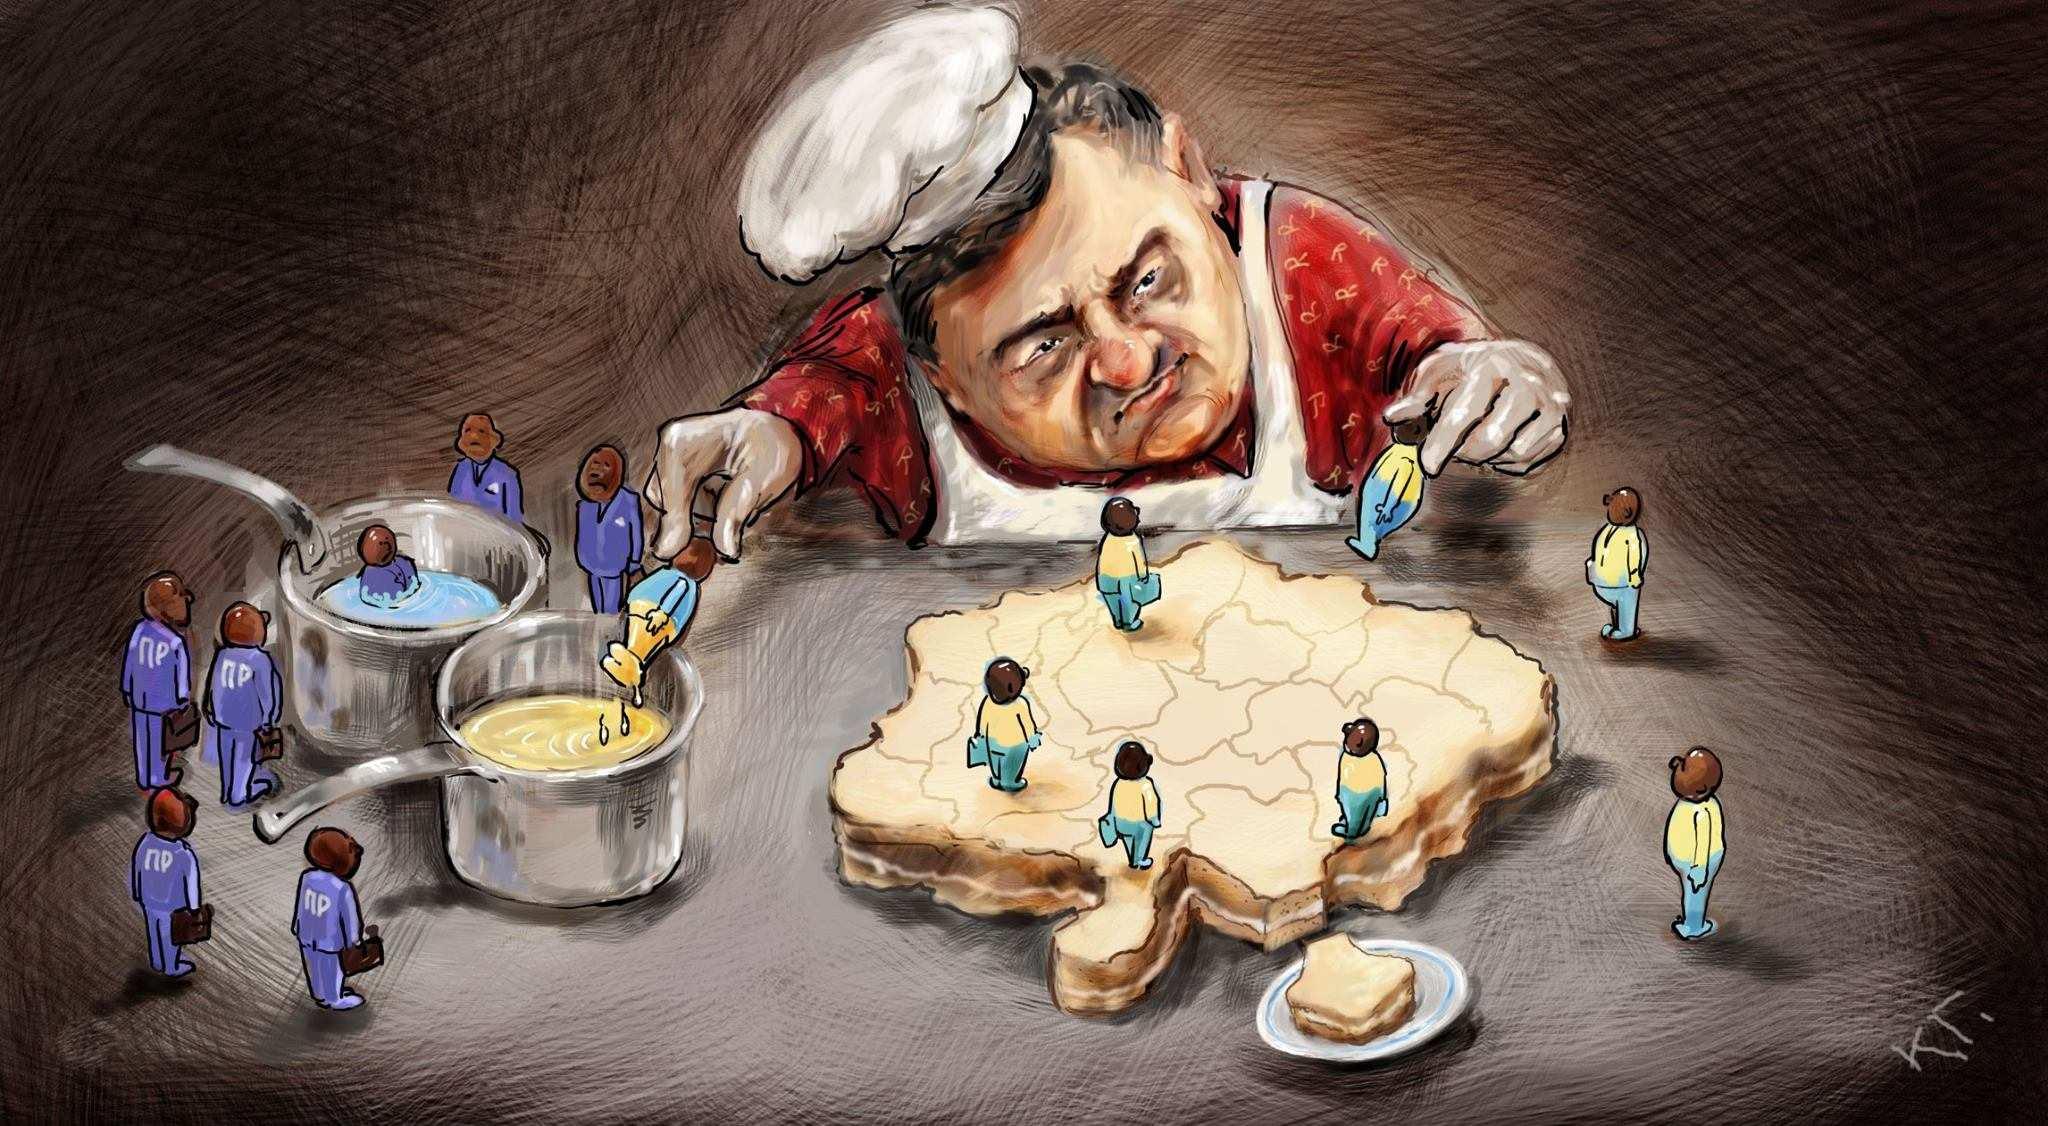 Если Кабмин внесет представление, Порошенко подпишет отставку Саакашвили, - АП - Цензор.НЕТ 617